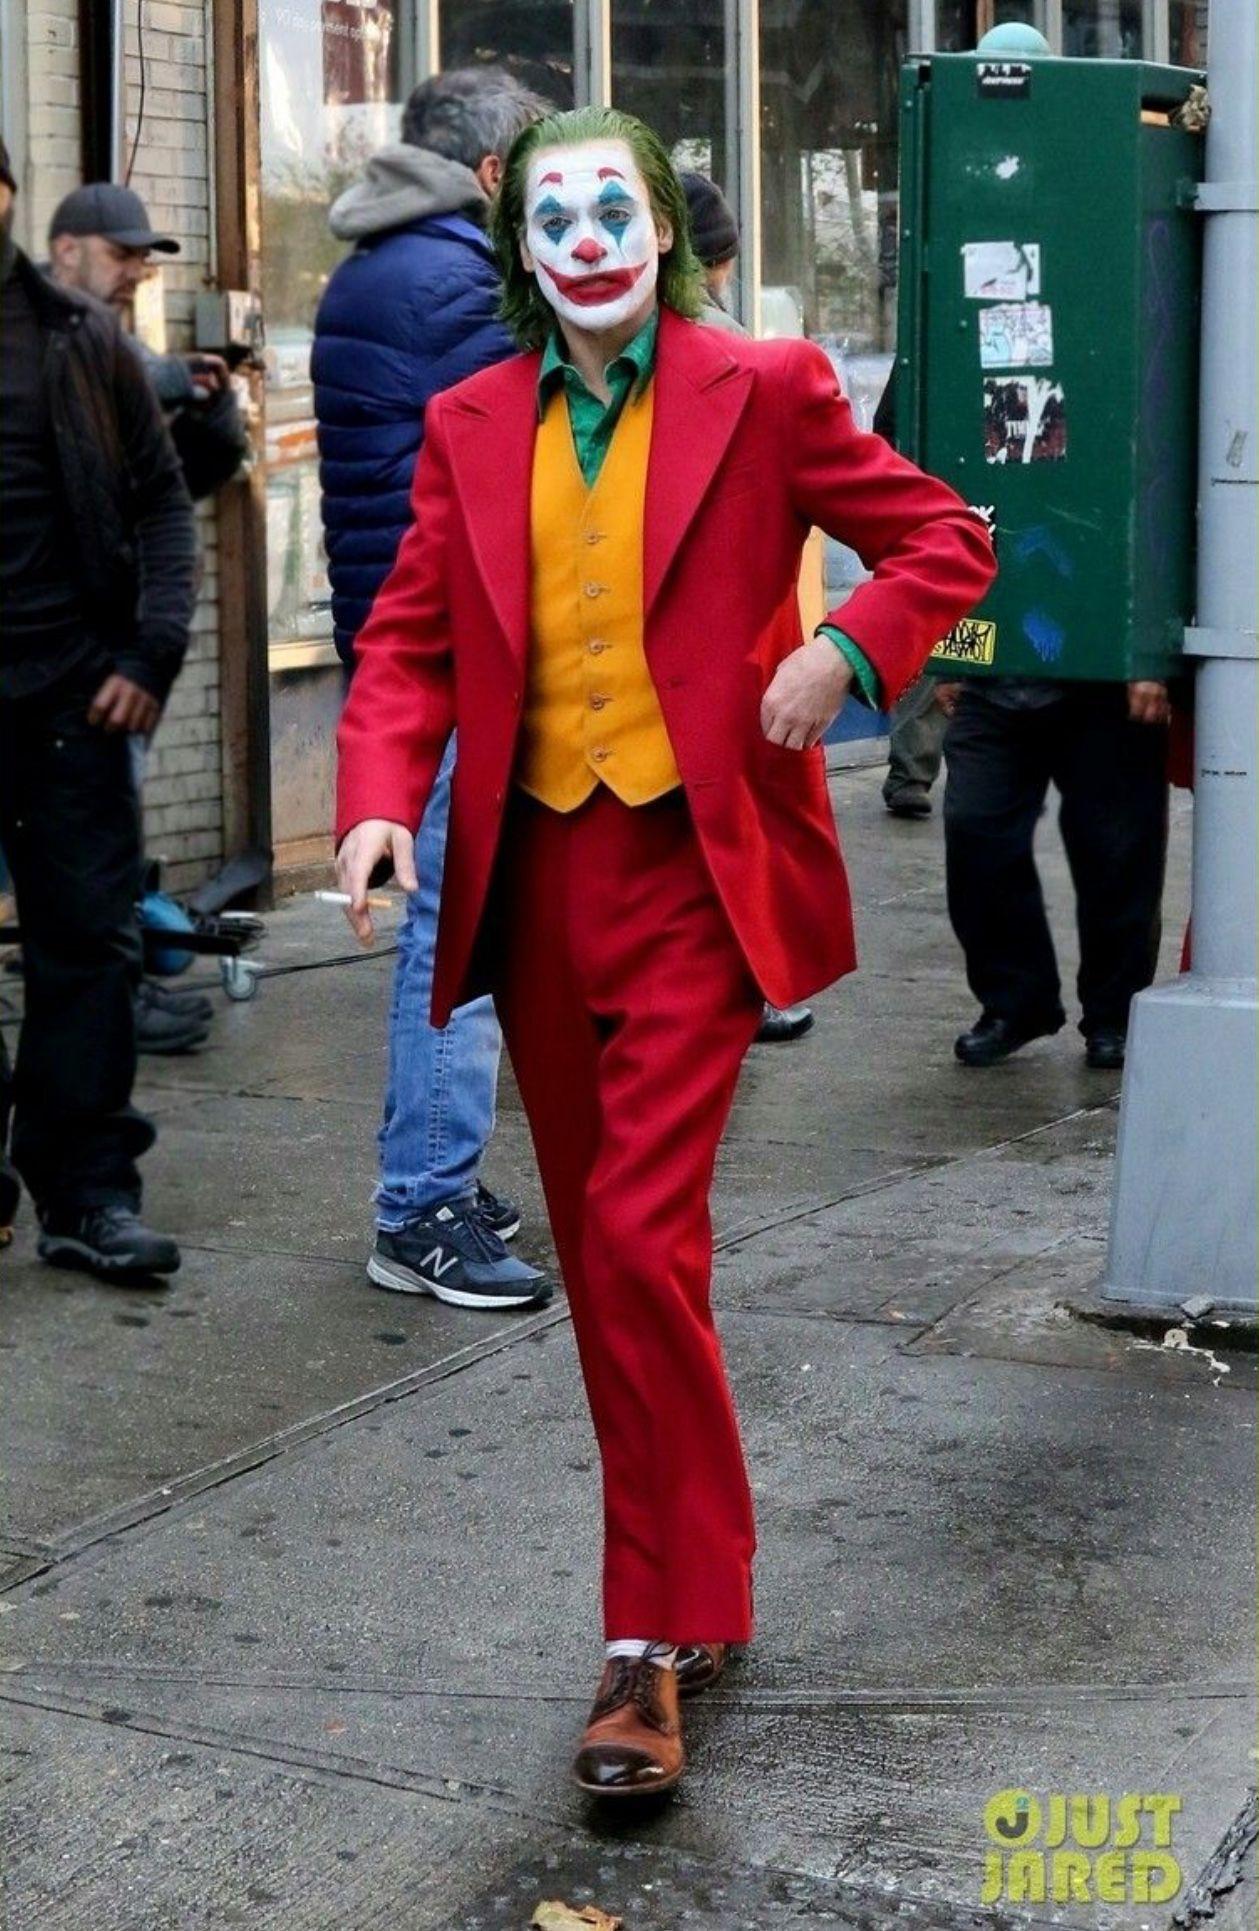 Pin by Chris Burke on joaquin joker Joker, Joker suit